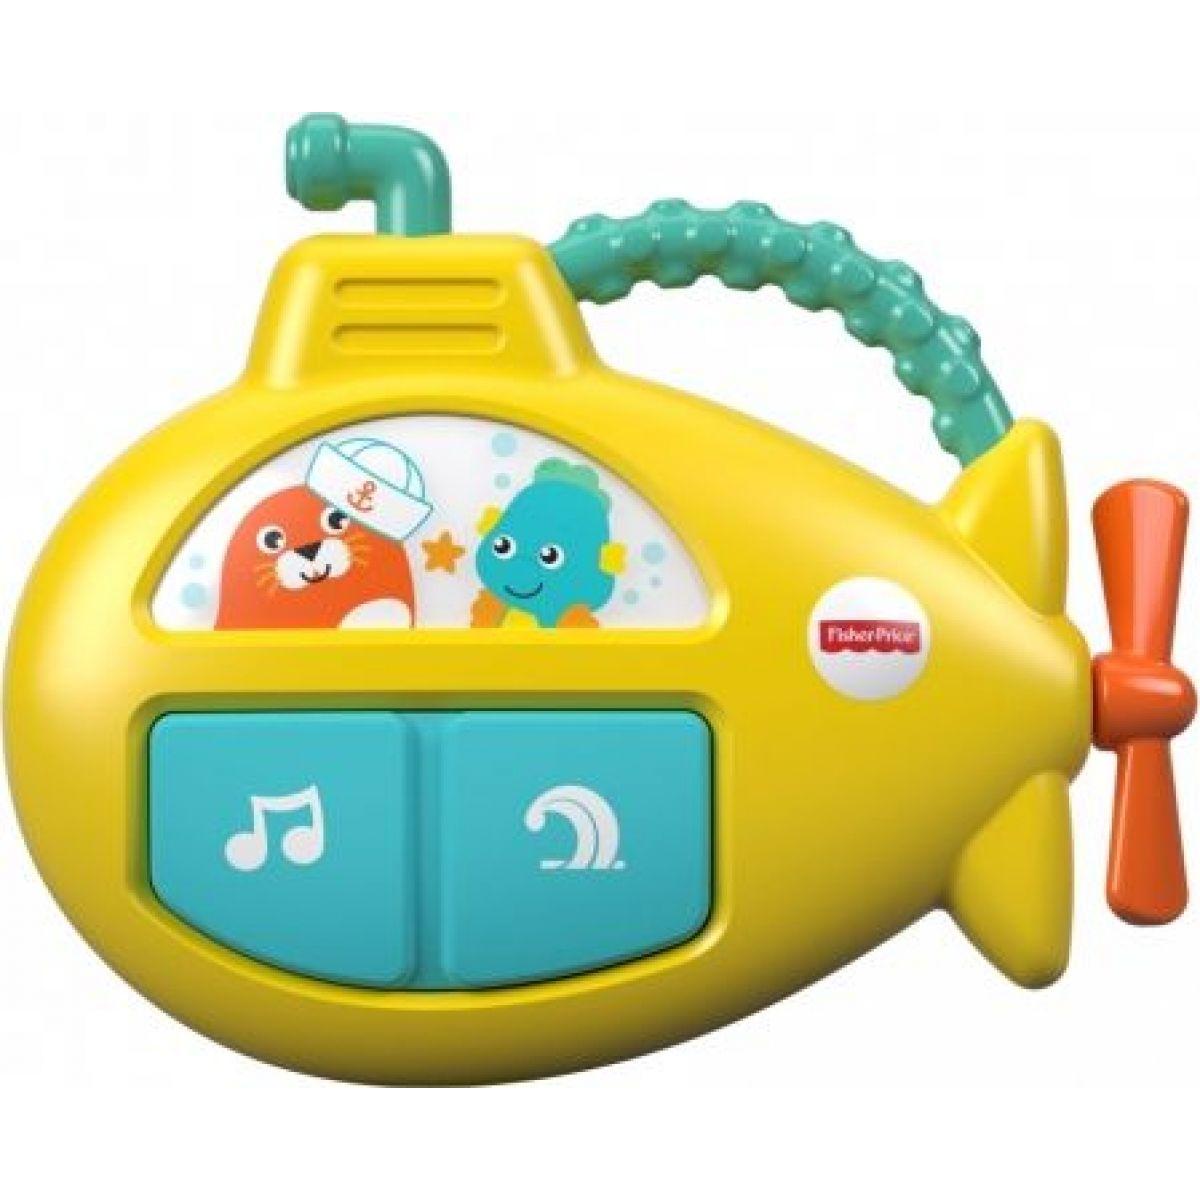 Fisher Price hudobný ponorka